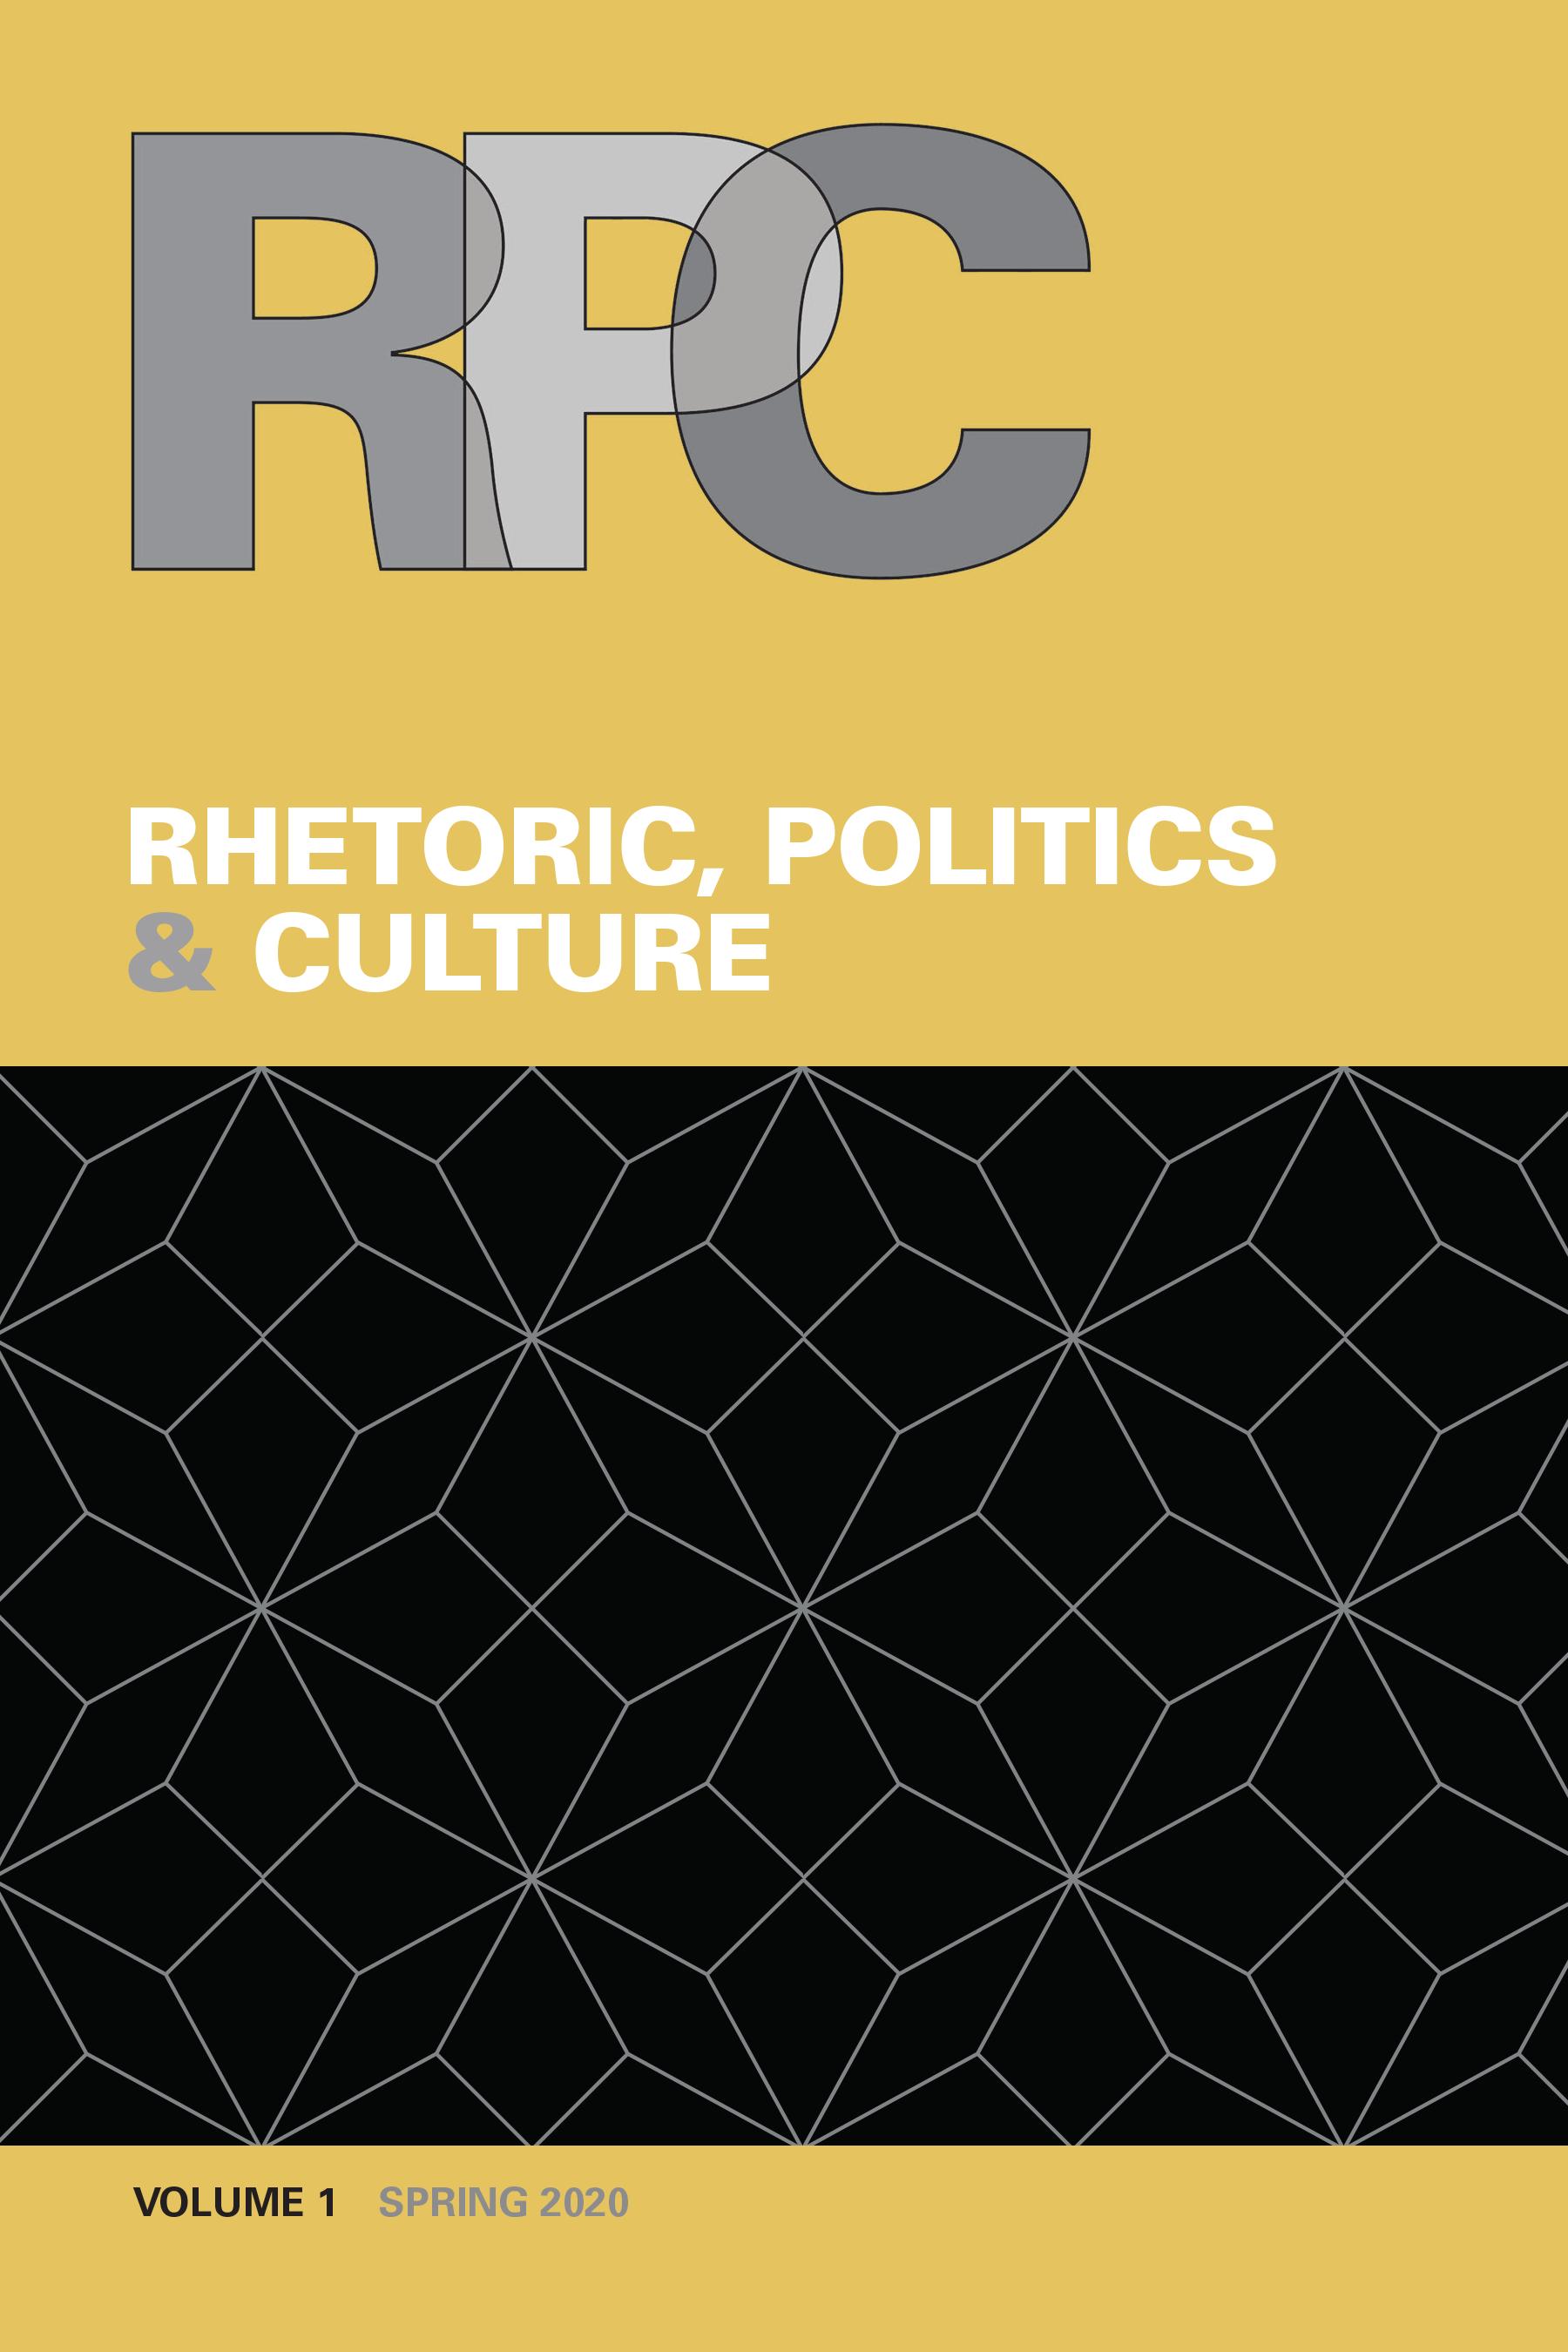 Rhetoric, Politics & Culture